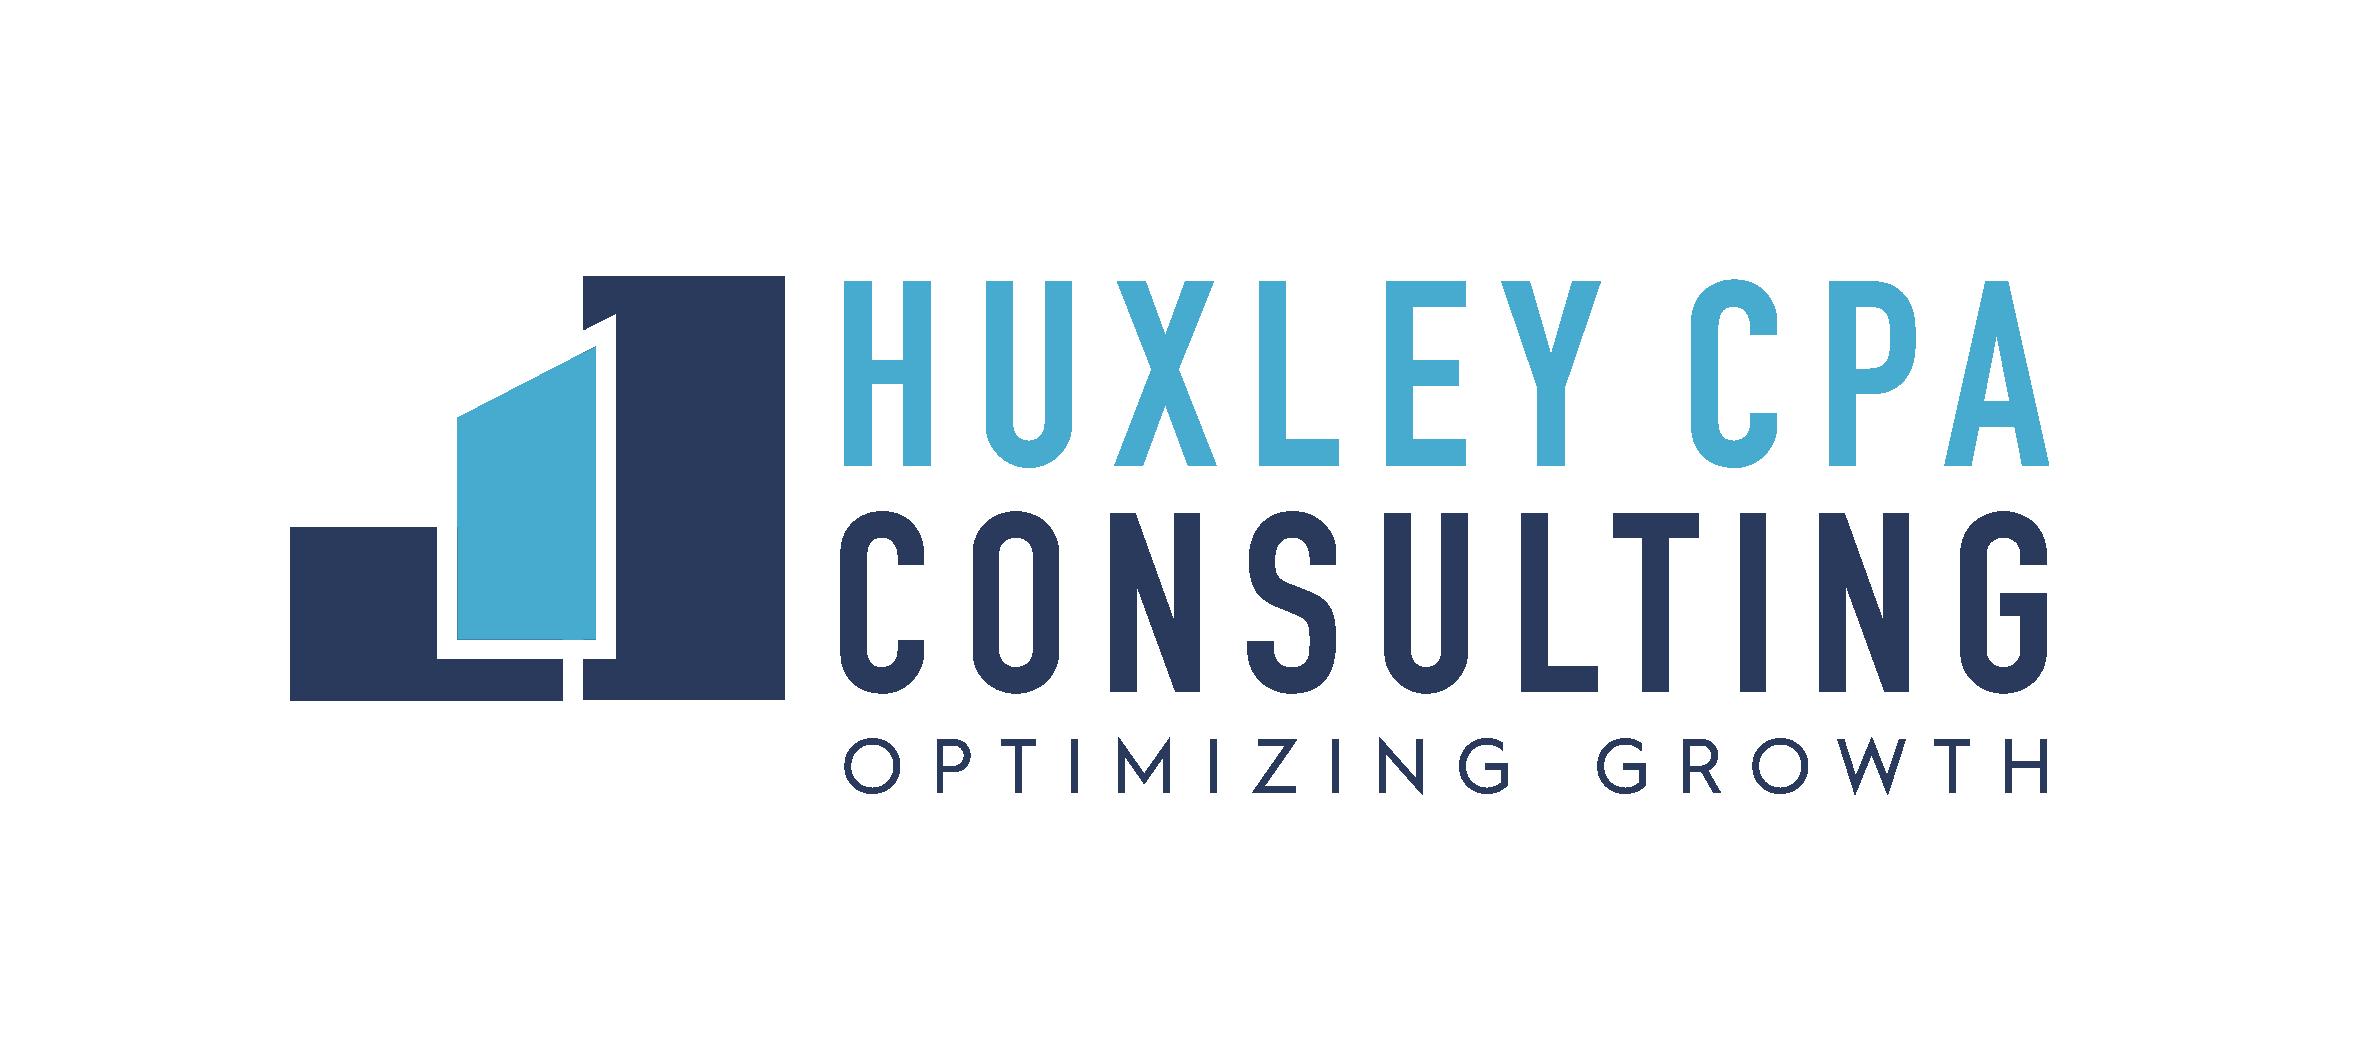 Huxley CPA